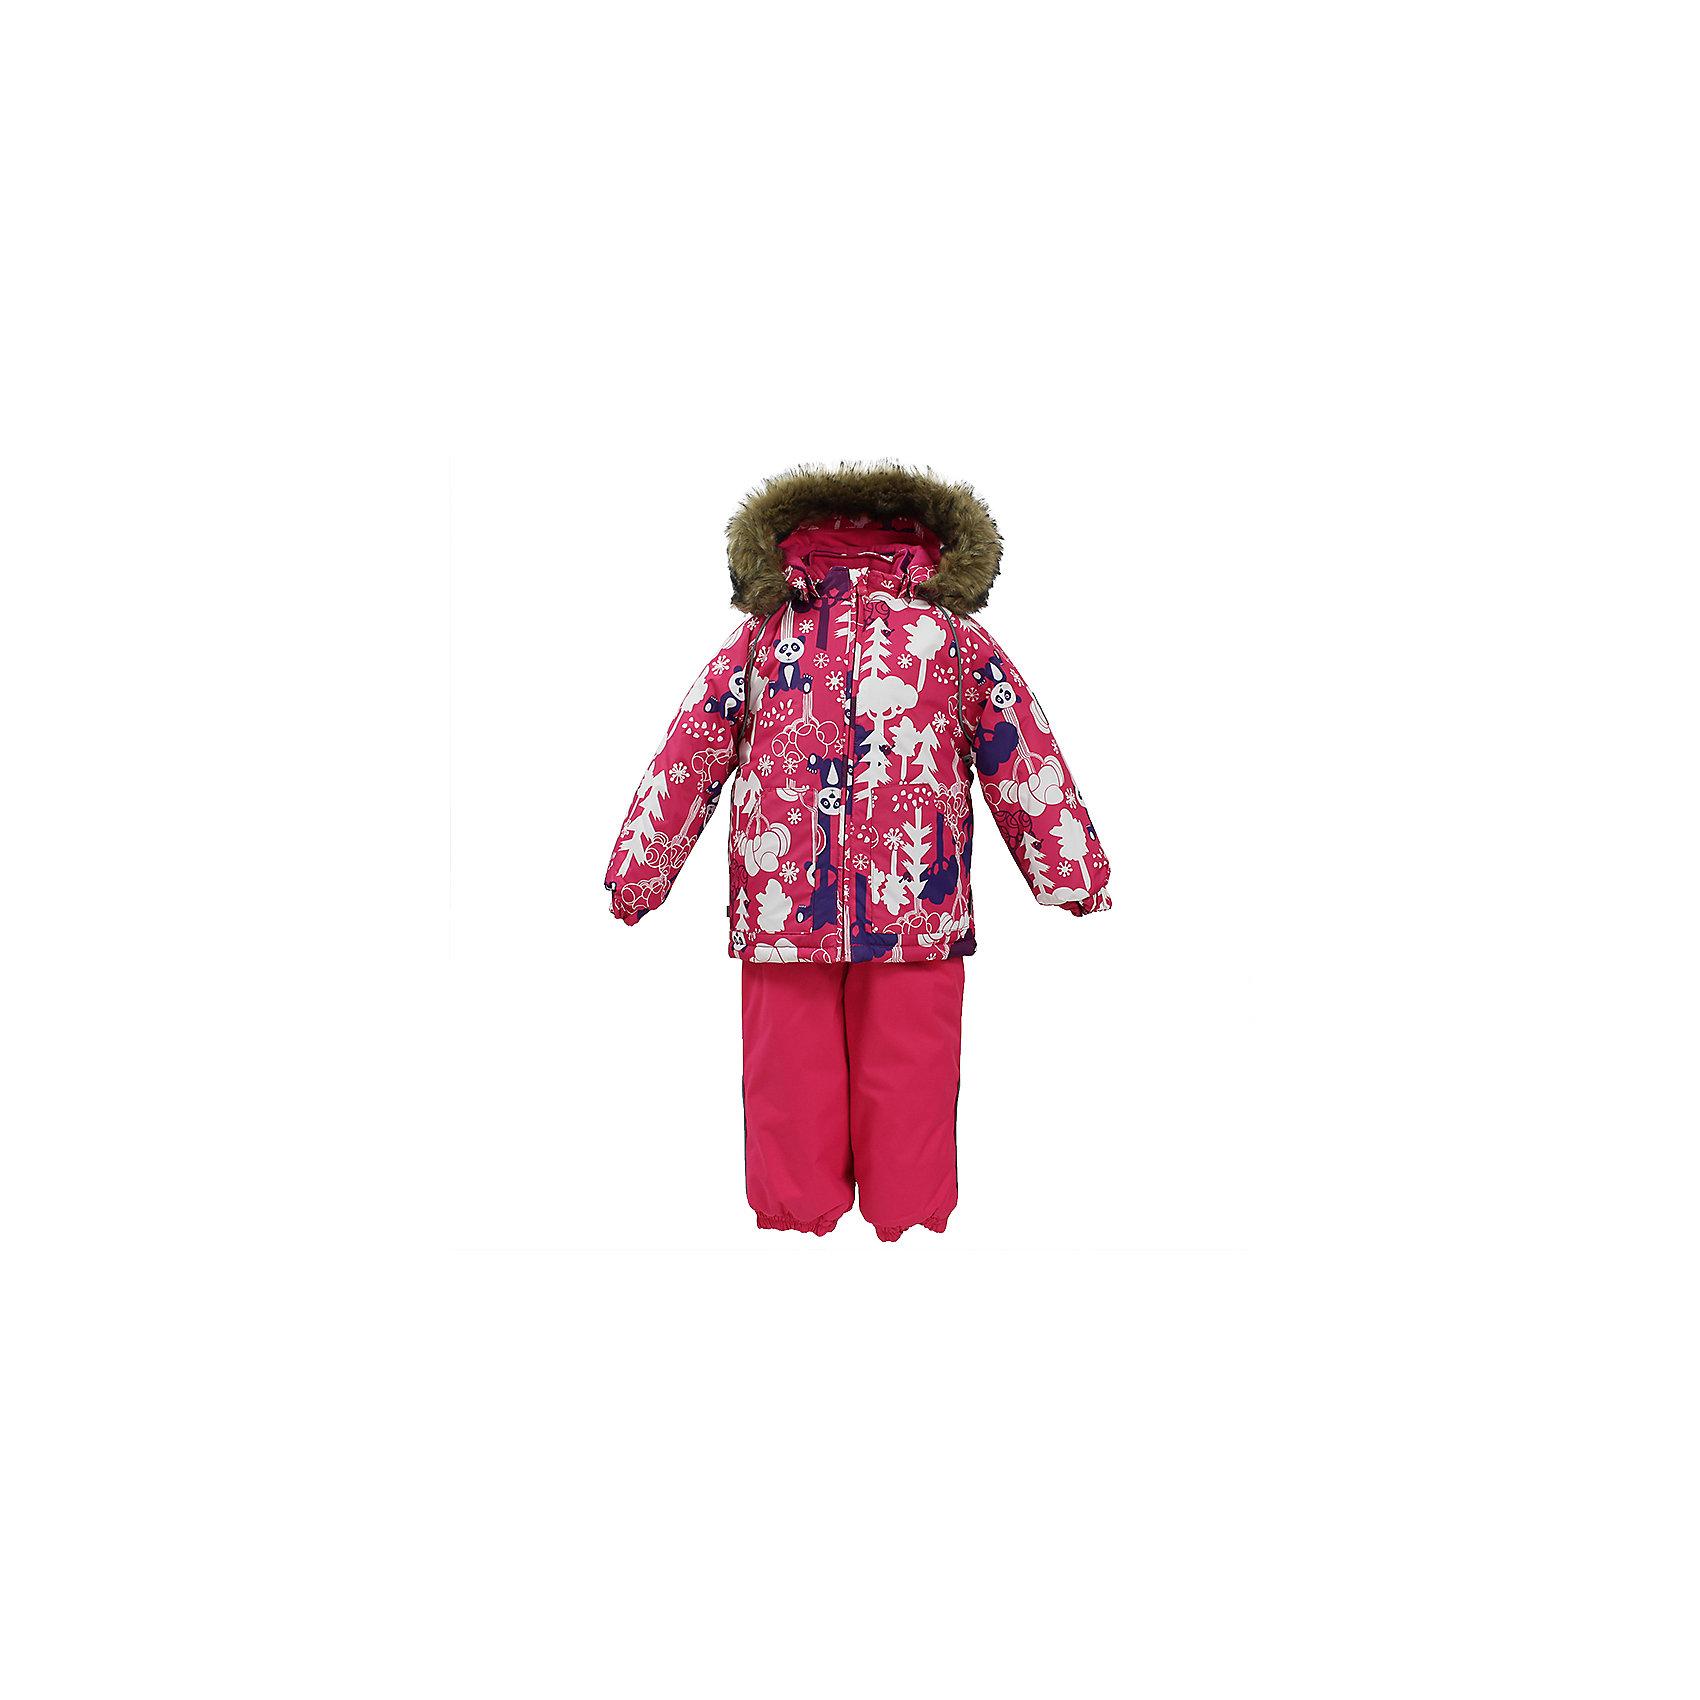 Комплект: куртка и брюки AVERY HuppaВерхняя одежда<br>Характеристика товара:<br><br>• цвет: фуксия с принтом<br>• температурный режим: от -0 до-30;<br>• утеплитель: куртка:300 грамм, брюки:160 грамм(100% полиэстер);<br>• подкладка: 100% хлопок;<br>• воздухопроницаемость: 5 000 мм куртка / 10 000 мм брюки;<br>• водонепроницаемость:  5 000 мм куртка / 10 000 мм брюки;<br>• застежка: молния;<br>• меховая опушка из искуственного меха;<br>• шаговый шов – проклеен;<br>• капюшон съемный;<br>• подтяжки на полукомбинезоне – резинки;<br>• светоотражающие детали;<br>• производитель: HUPPA (Эстония)<br><br>Красивый зимний комплект AVERY для детей младшего возраста. Легкая, но очень теплая куртка из мягкой мембранной ткани не содержит лишних деталей. В модели 300 грамм утеплителя, а значит, вы можете быть уверены, что ваш малыш не замерзнет на прогулке в морозную погоду, даже если будет двигаться не слишком активно. Комплект для малышей AVERY благодаря простым манжетам на резинке и удобной молнии легко надевать и застегивать. Капюшон с меховой опушкой сделан в форме забавного колпачка и при желании отстегивается. <br><br>Практичный однотонный полукомбинезон темного цвета выполнен из более прочной мембраны и скроен без внутренних швов, для лучшей защиты от истирания и попадания влаги. Задний шов проклеен, также для дополнительной защиты от влаги. Манжеты по низу брюк и тканевые штрипки на ботинки надежно фиксируют брюки и защищают от попадания снега. На костюмах AVERY светоотражающие элементы делают вашего ребенка более заметным на улице, даже в условиях плохой видимости и в темное время суток.<br><br>Комплект для малышей AVERY можно купить в нашем интернет-магазине.<br><br>Ширина мм: 356<br>Глубина мм: 10<br>Высота мм: 245<br>Вес г: 519<br>Цвет: фуксия<br>Возраст от месяцев: 36<br>Возраст до месяцев: 48<br>Пол: Унисекс<br>Возраст: Детский<br>Размер: 104,86,80,92,98<br>SKU: 7027030